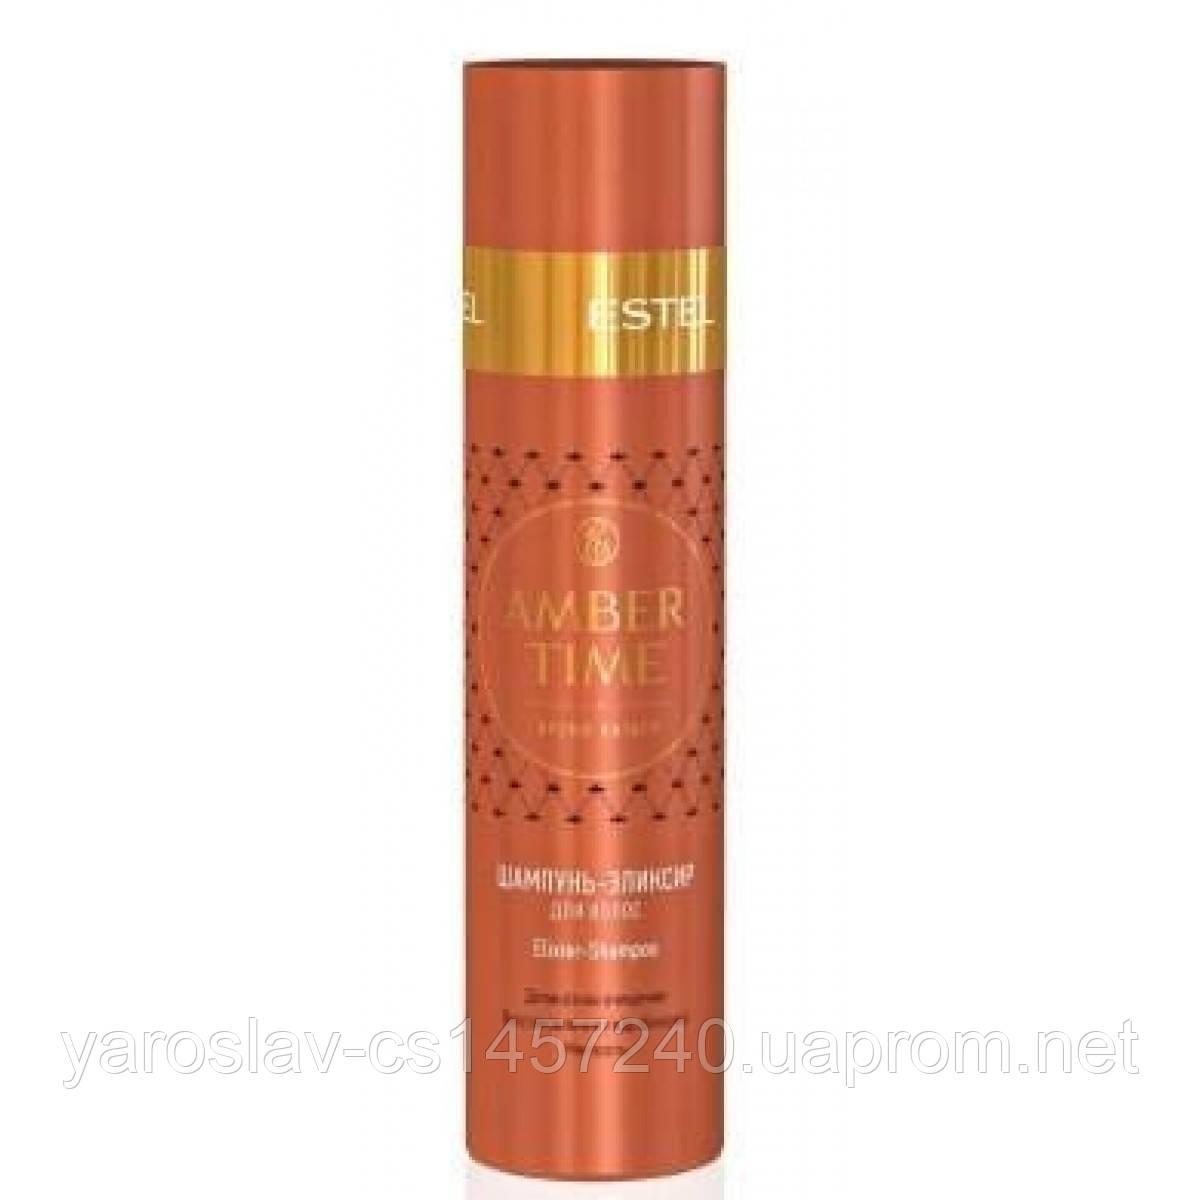 Шампунь-еликсир для волос ESTEL AMBER TIME, 250 мл